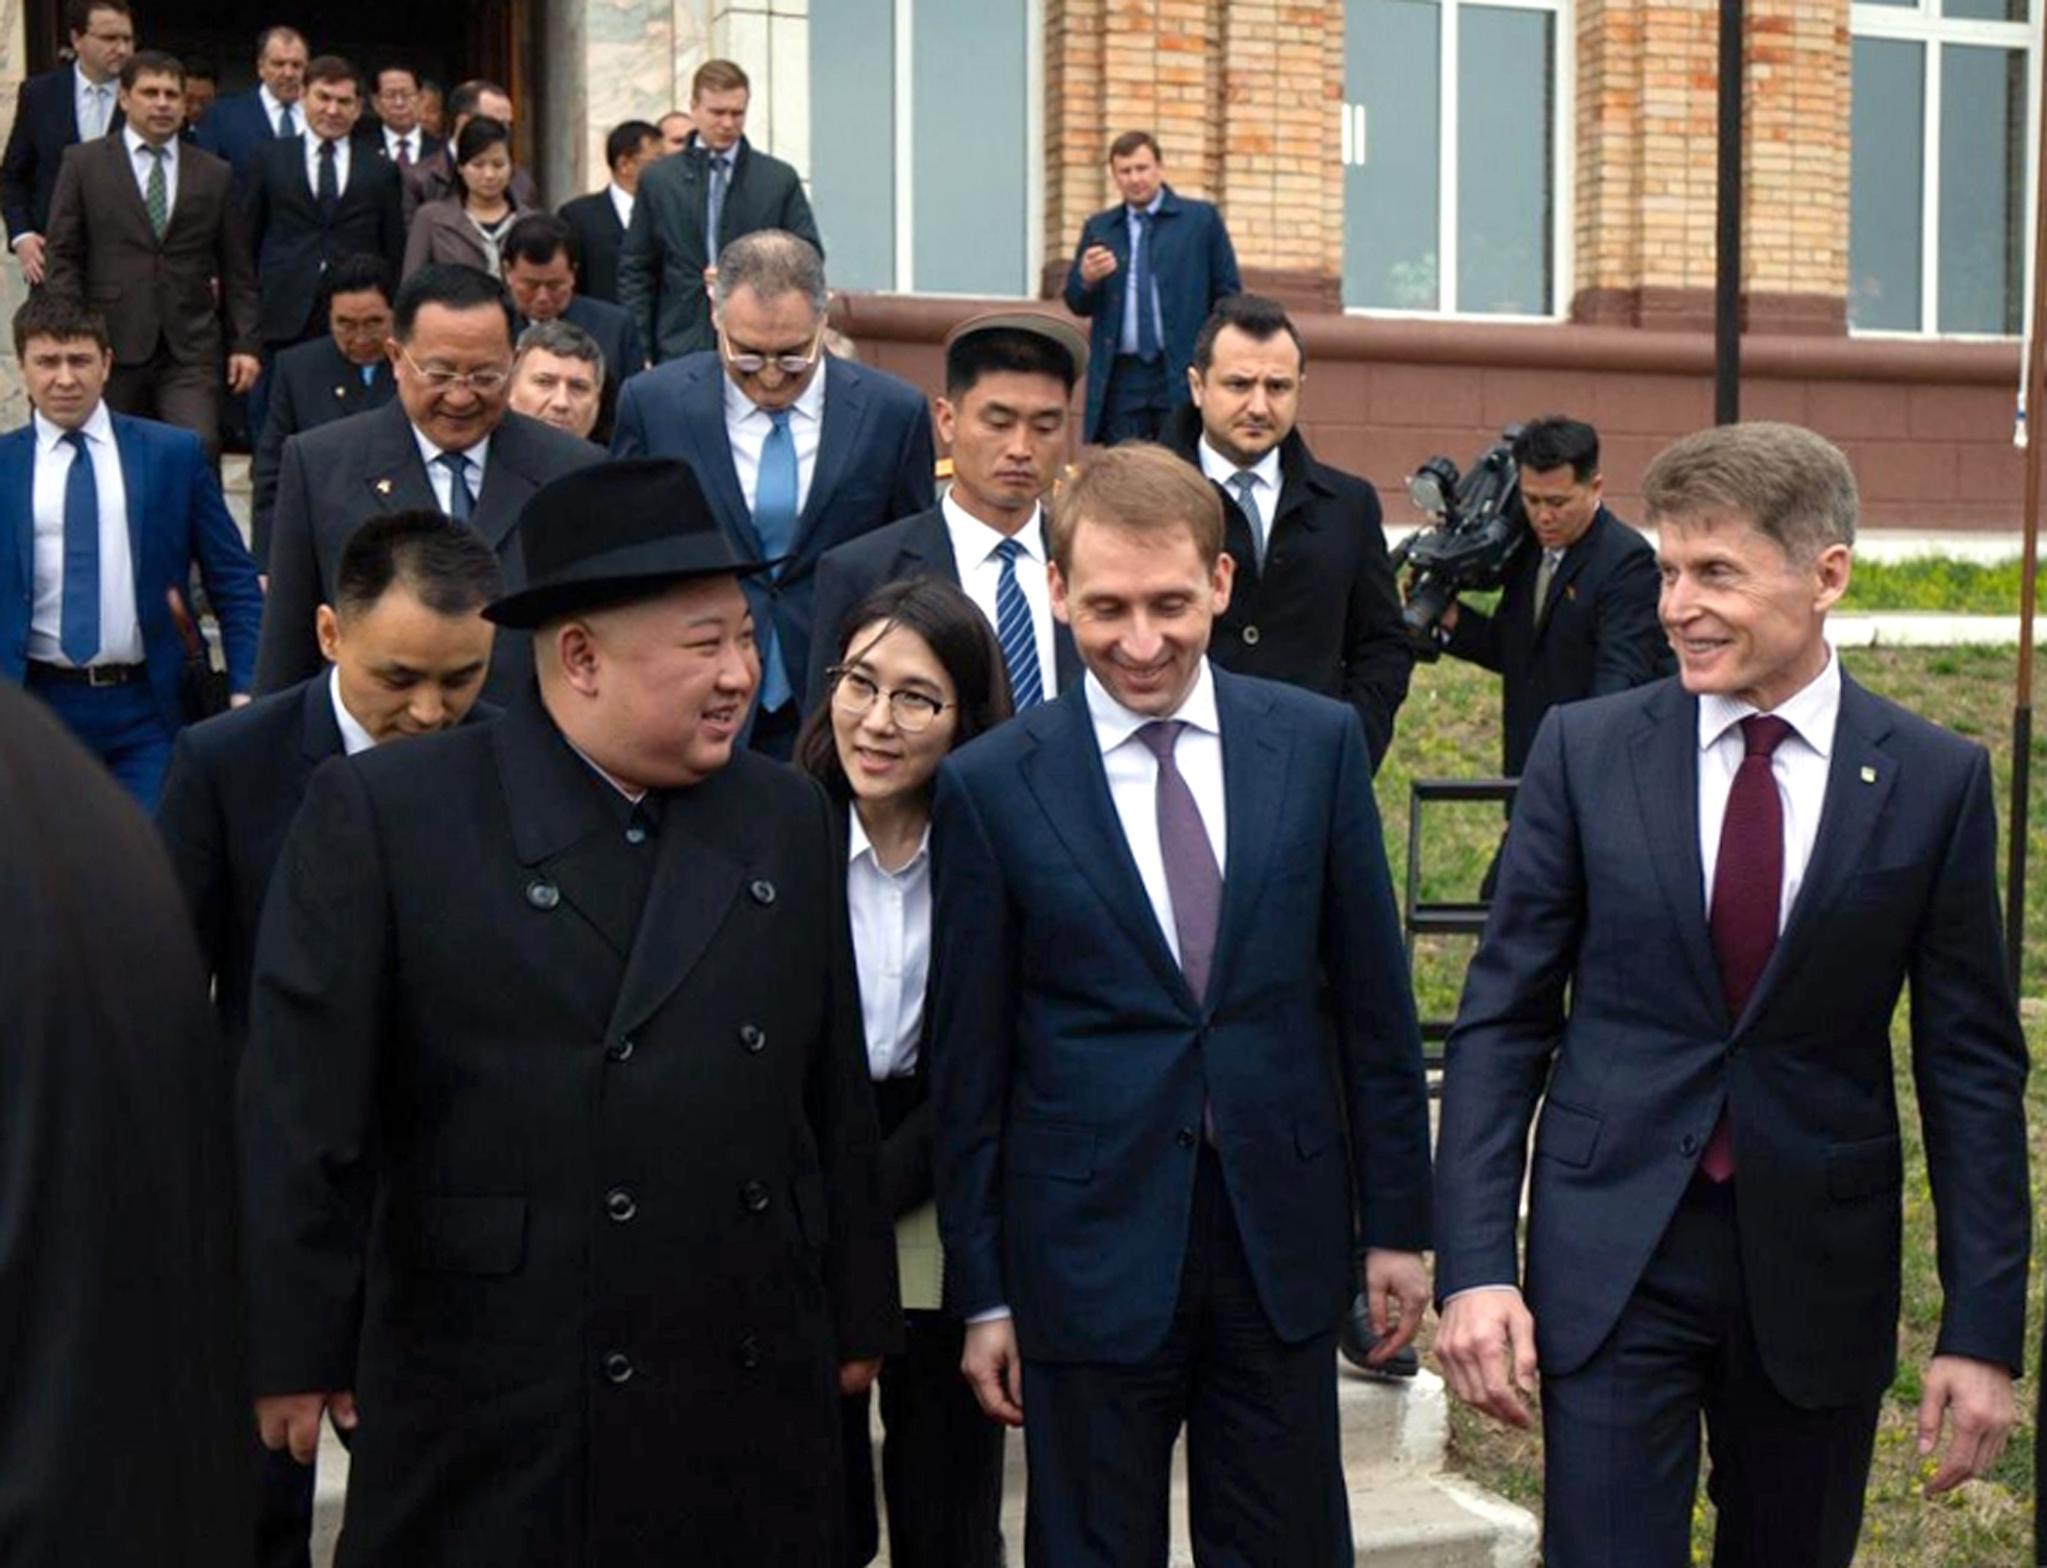 김정은 북한 국무위원장이 24일 오전 전용 열차 편으로 러시아와 북한의 접경 지역인 하산역에 도착해 러시아 측 인사들과 환담을 마친 뒤 이동하고 있다. [사진 러시아 연해주 주정부]